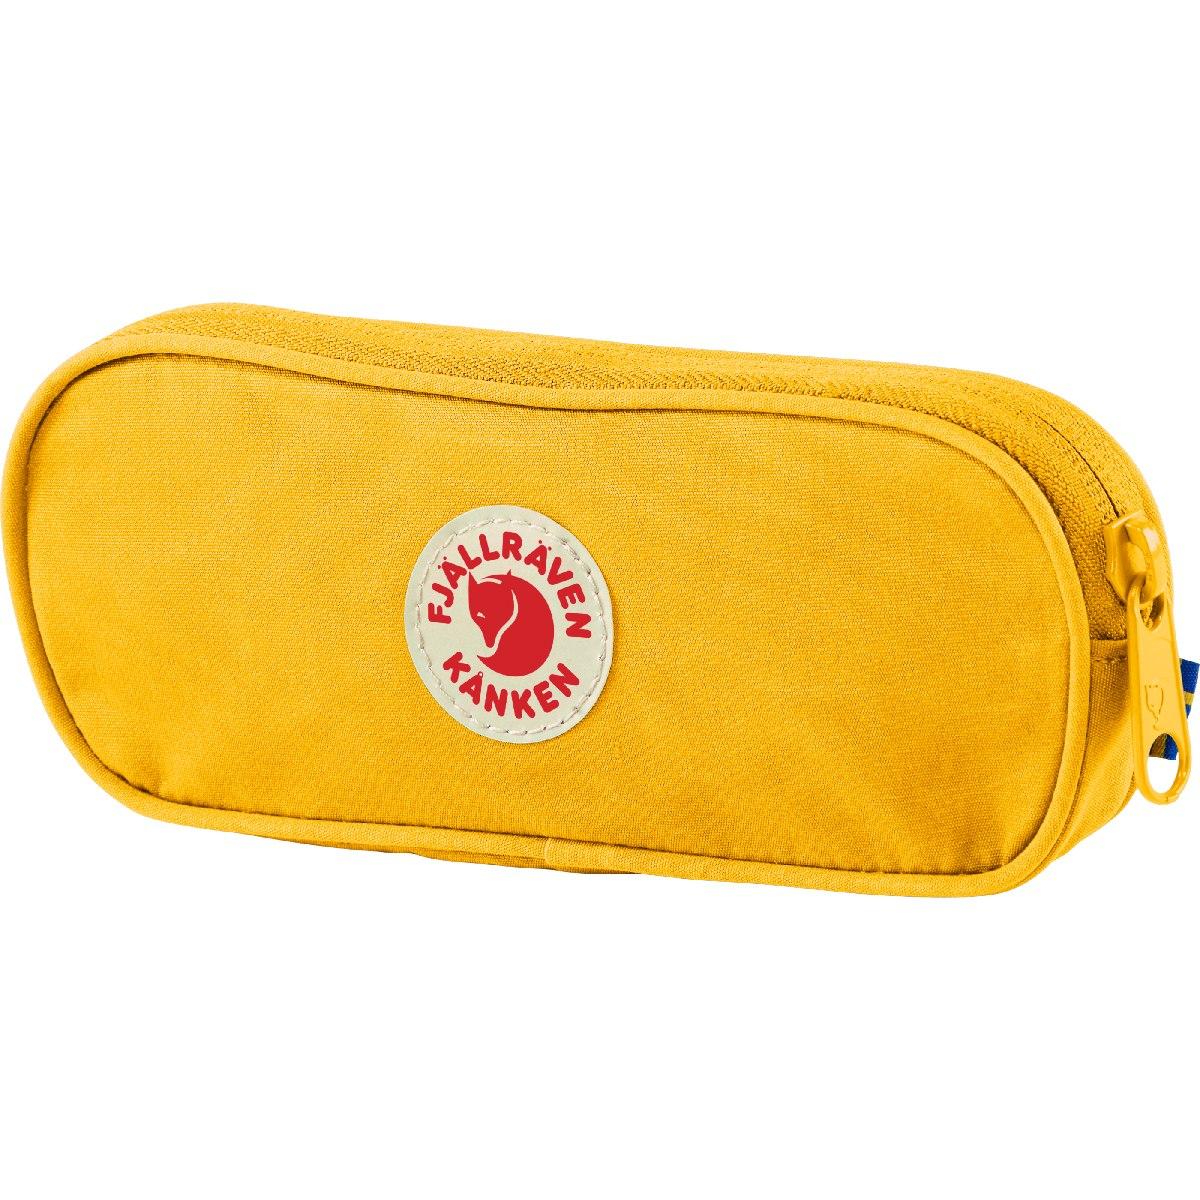 Fjällräven Kanken Pen Case - warm yellow